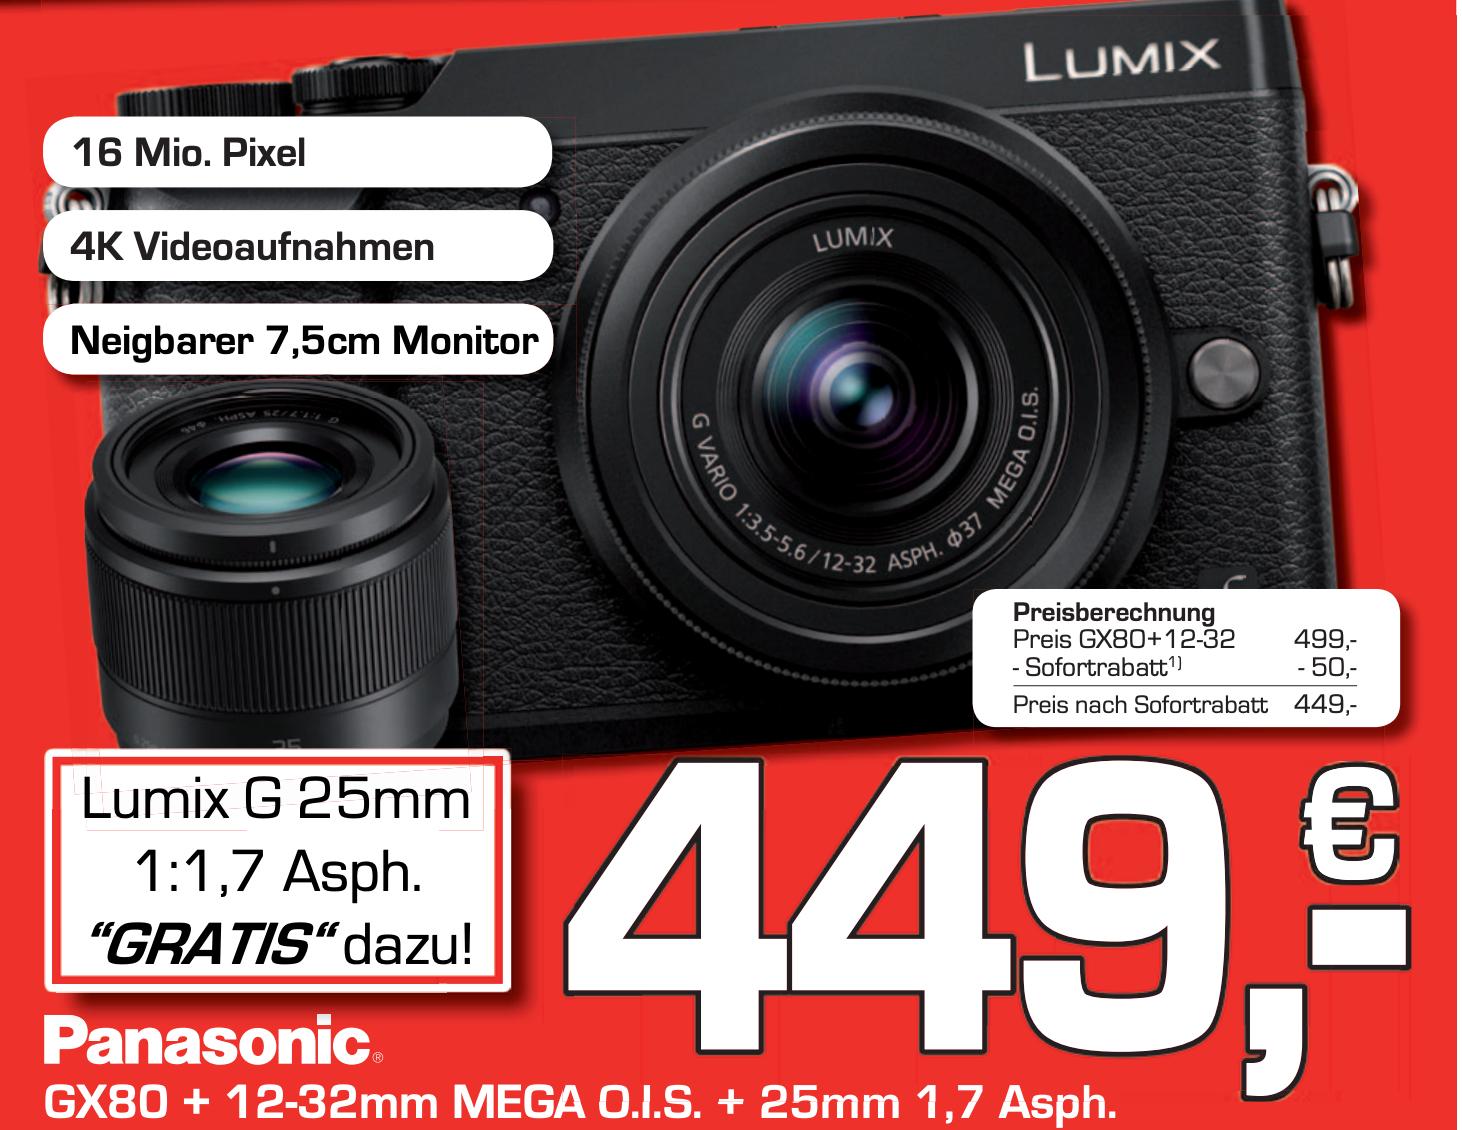 [Foto Gregor] Lumix GX80 + 12-32mm + 25mm 1,7 Asph.